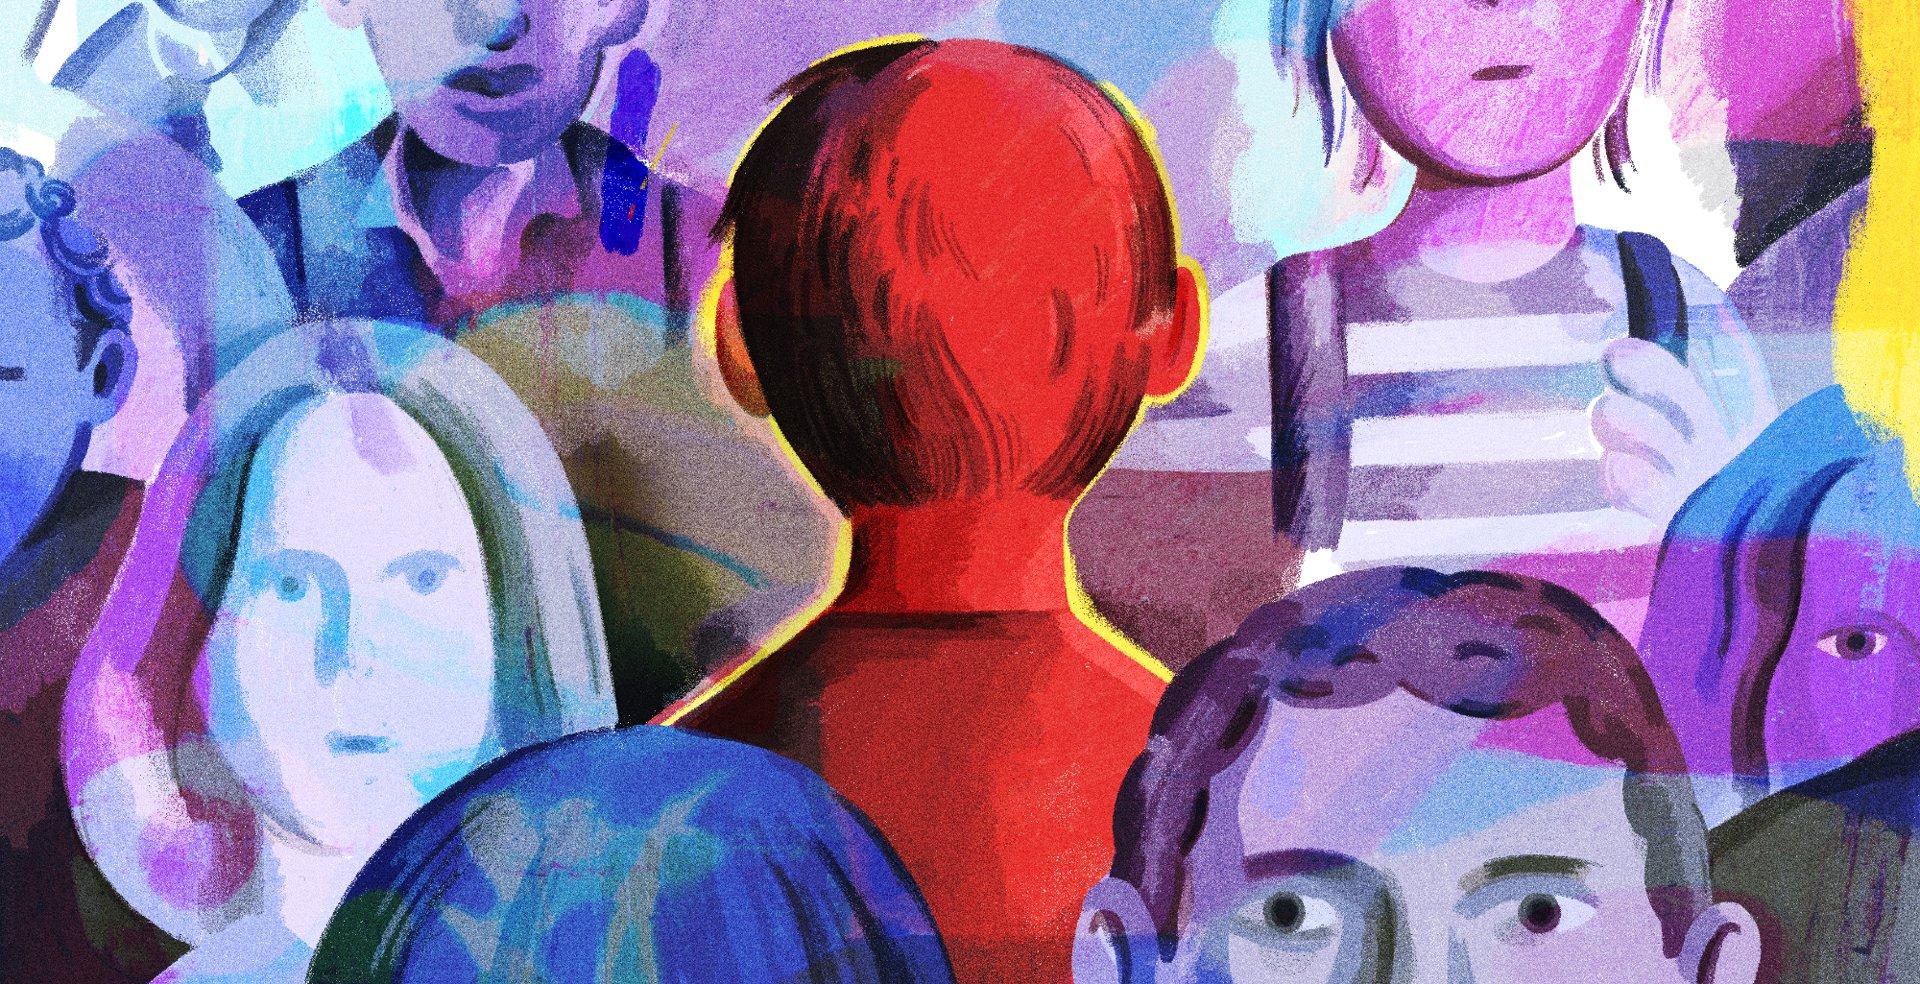 مزایای هنردرمانی و نقاشی در مورد پیشگیری از سرطان!